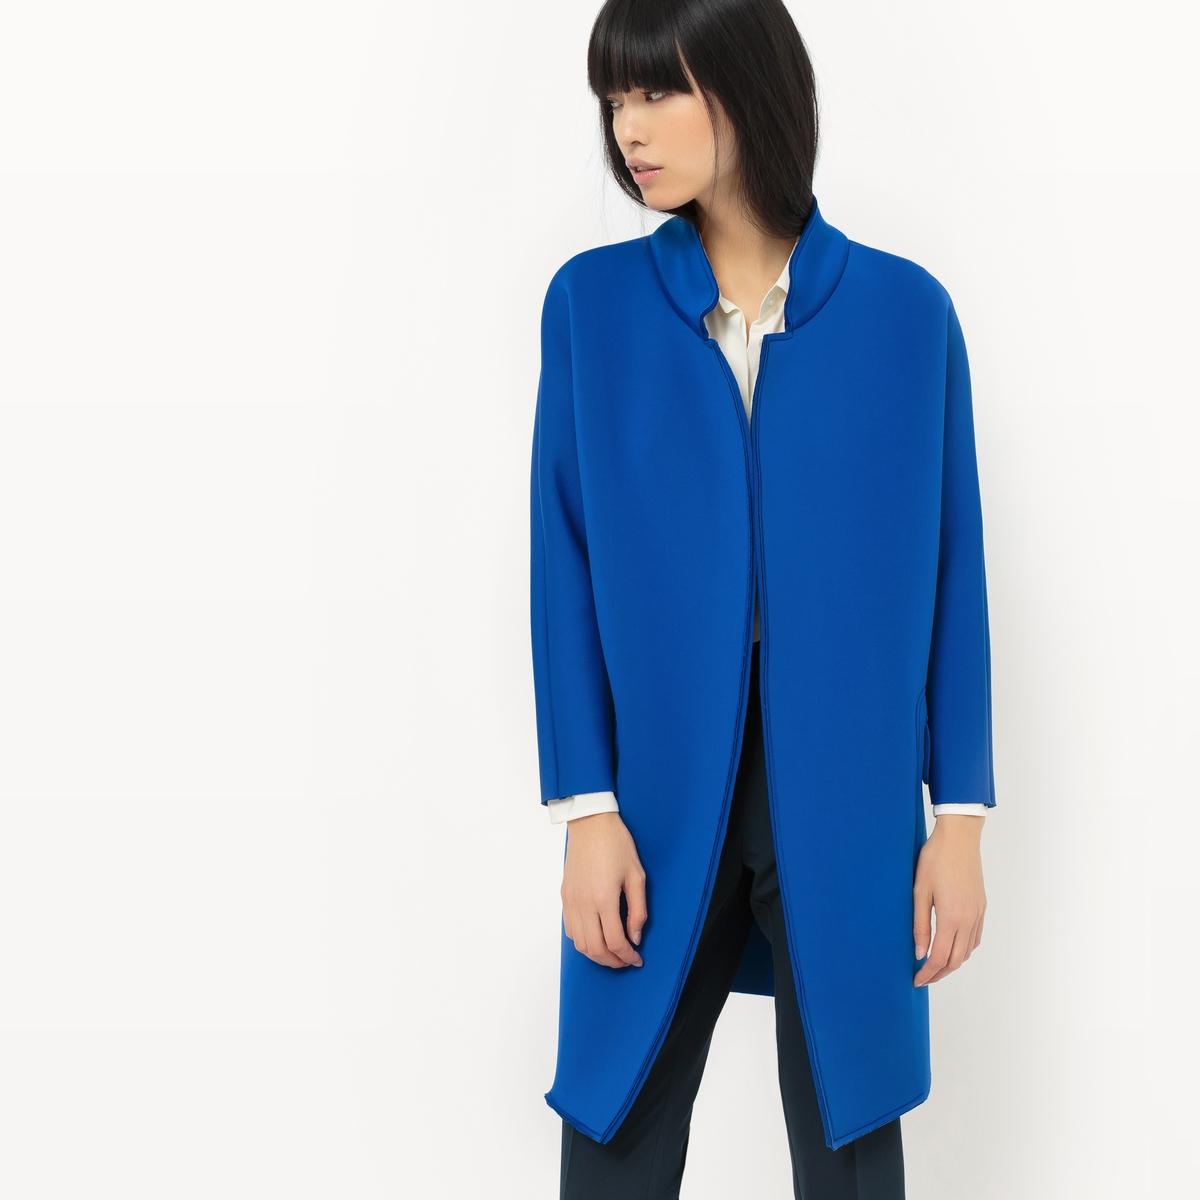 Пальто длинное из полиэстераДетали  •  Длинное : длина •   V-образный вырез   •  Без застежки  Состав и уход   •  5% эластана, 95% полиэстера • Просьба следовать советам по уходу, указанным на этикетке изделия<br><br>Цвет: синий<br>Размер: L